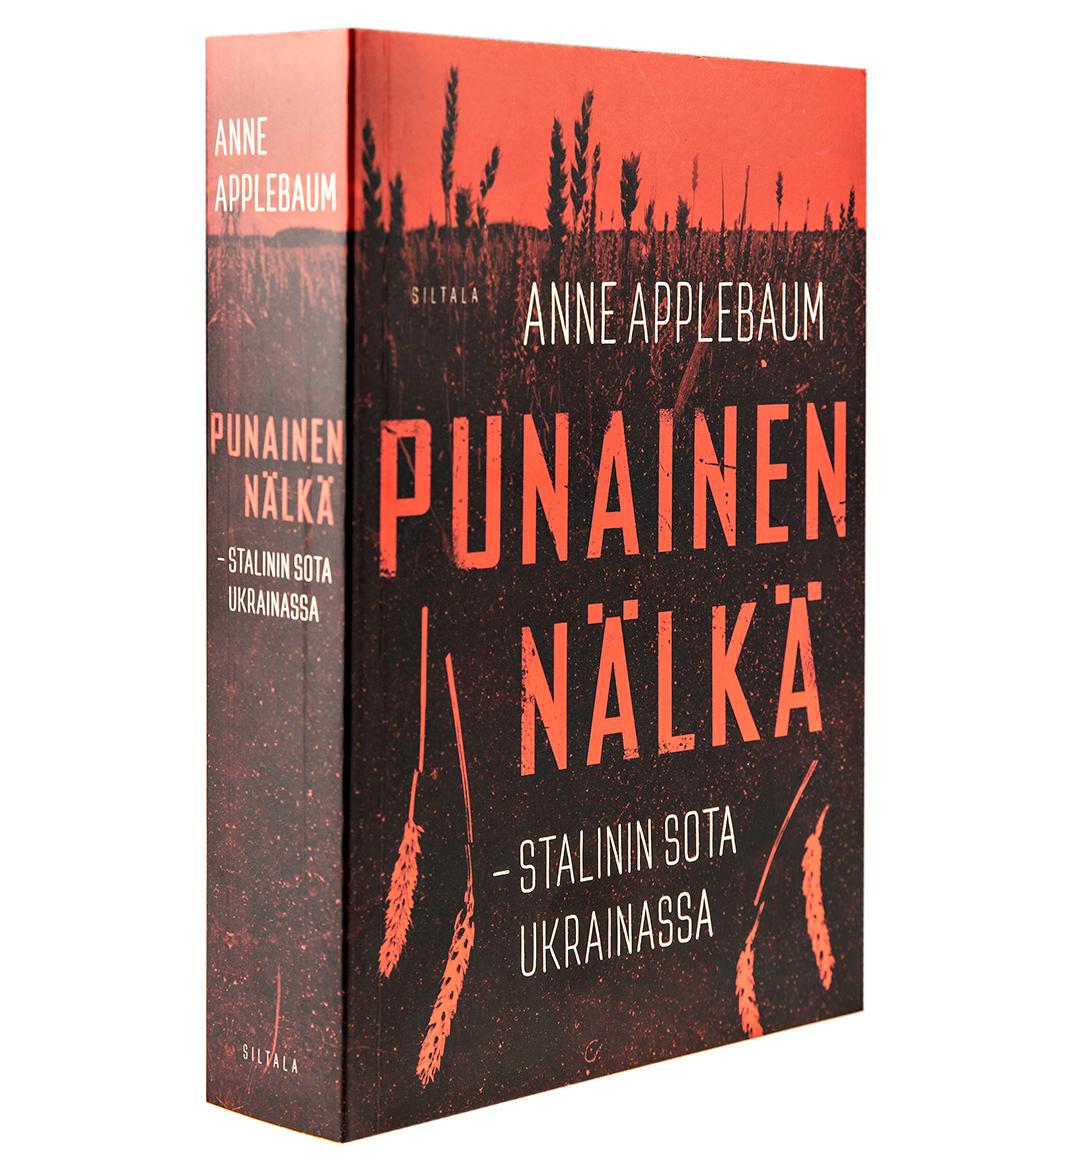 Anne Applebaum: Punainen nälkä. Suom. Antero Helasvuo. 526 s. Siltala, 2018.